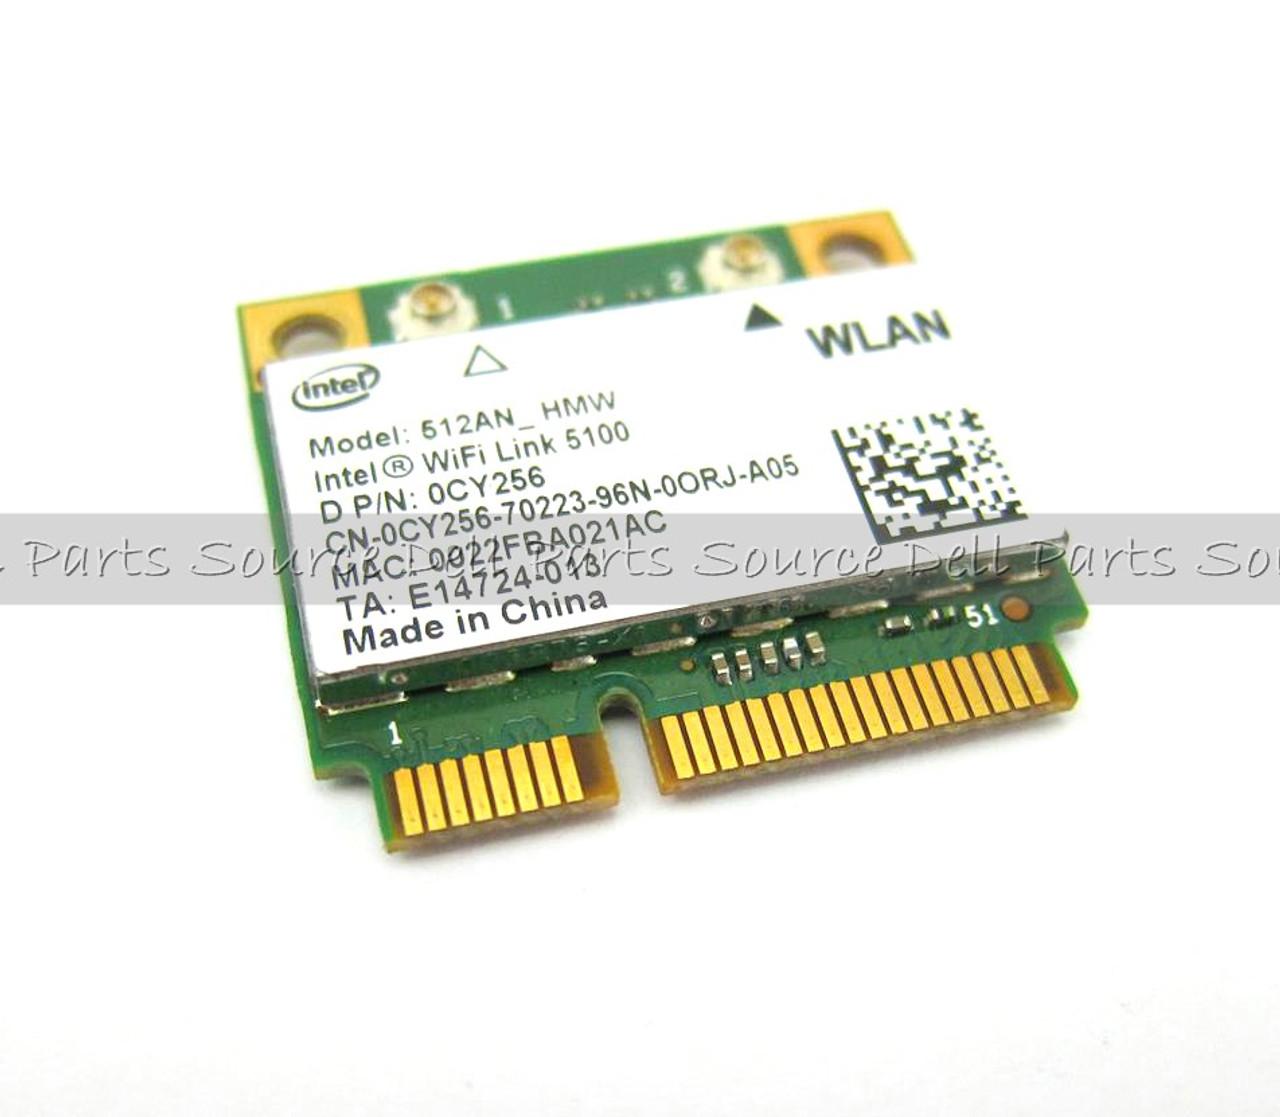 Dell Intel 5100 Draft N Wireless WiFi 802.11 a/b/g/n Half-Height Mini-PCI Express Card - CY256